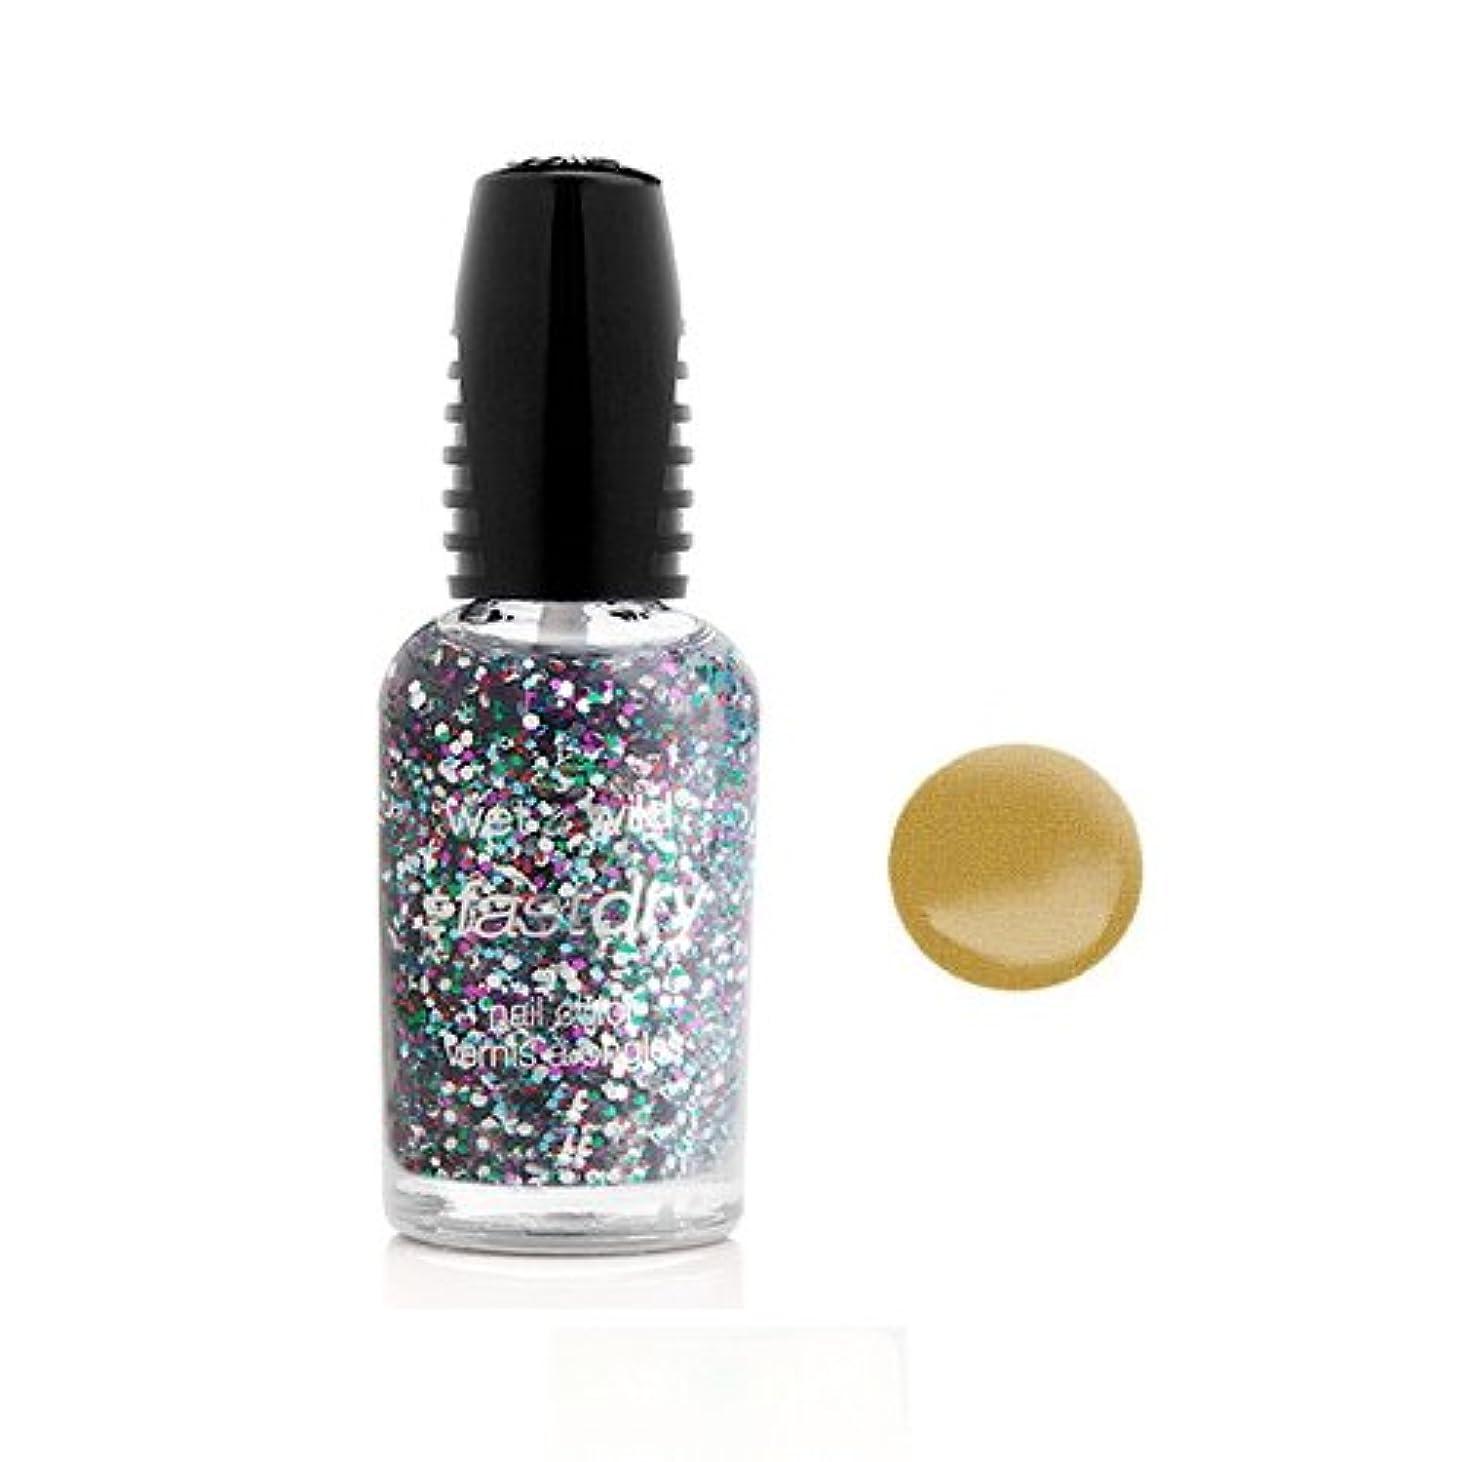 買い物に行く机空のWET N WILD Fastdry Nail Color - The Gold & the Beautiful (並行輸入品)